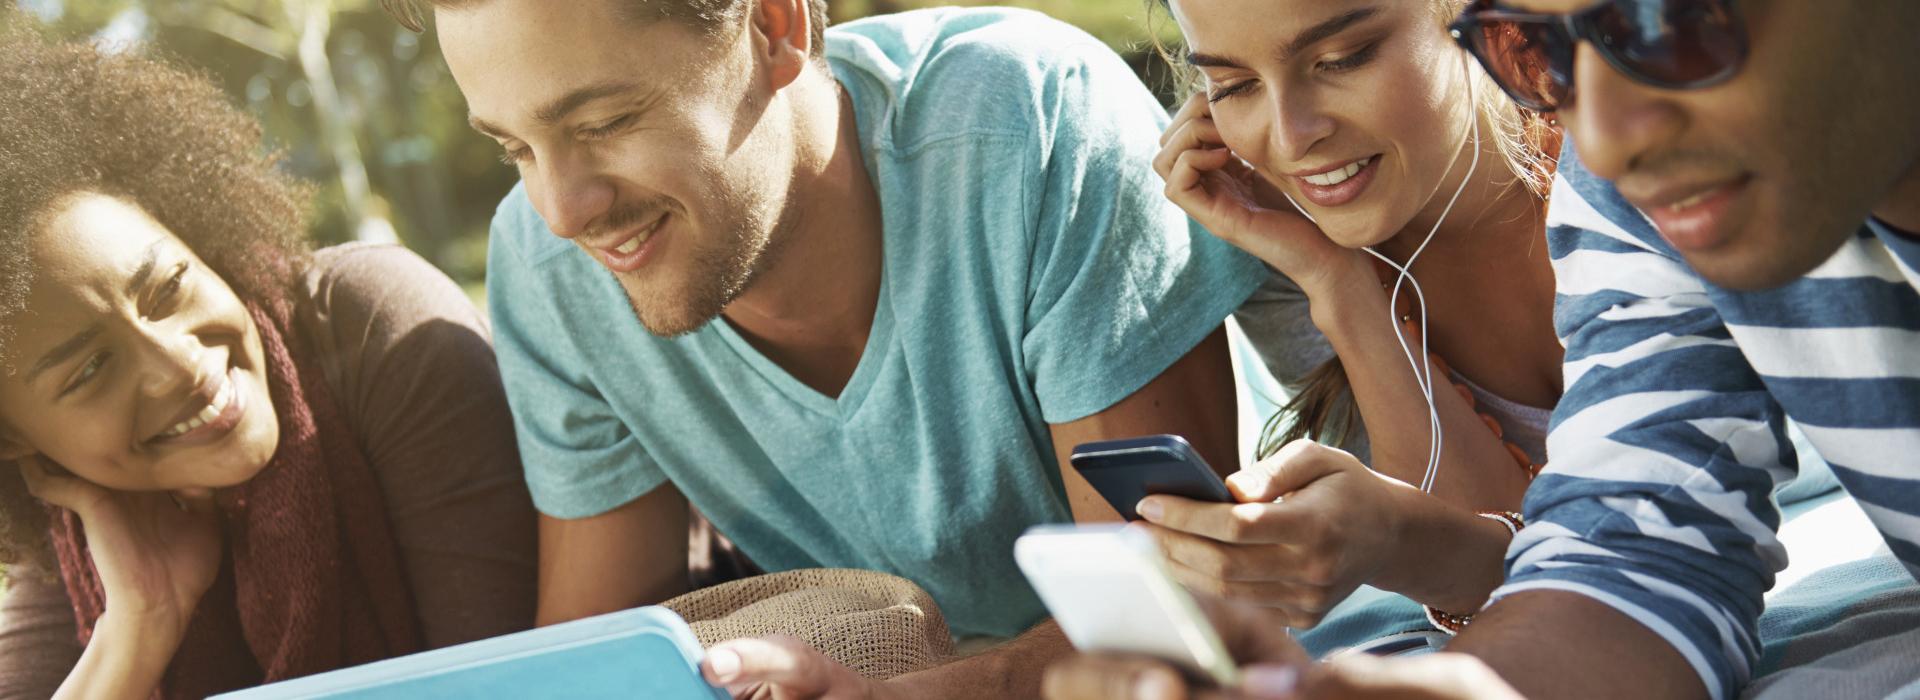 Яркие и практичные чехлы для телефонов